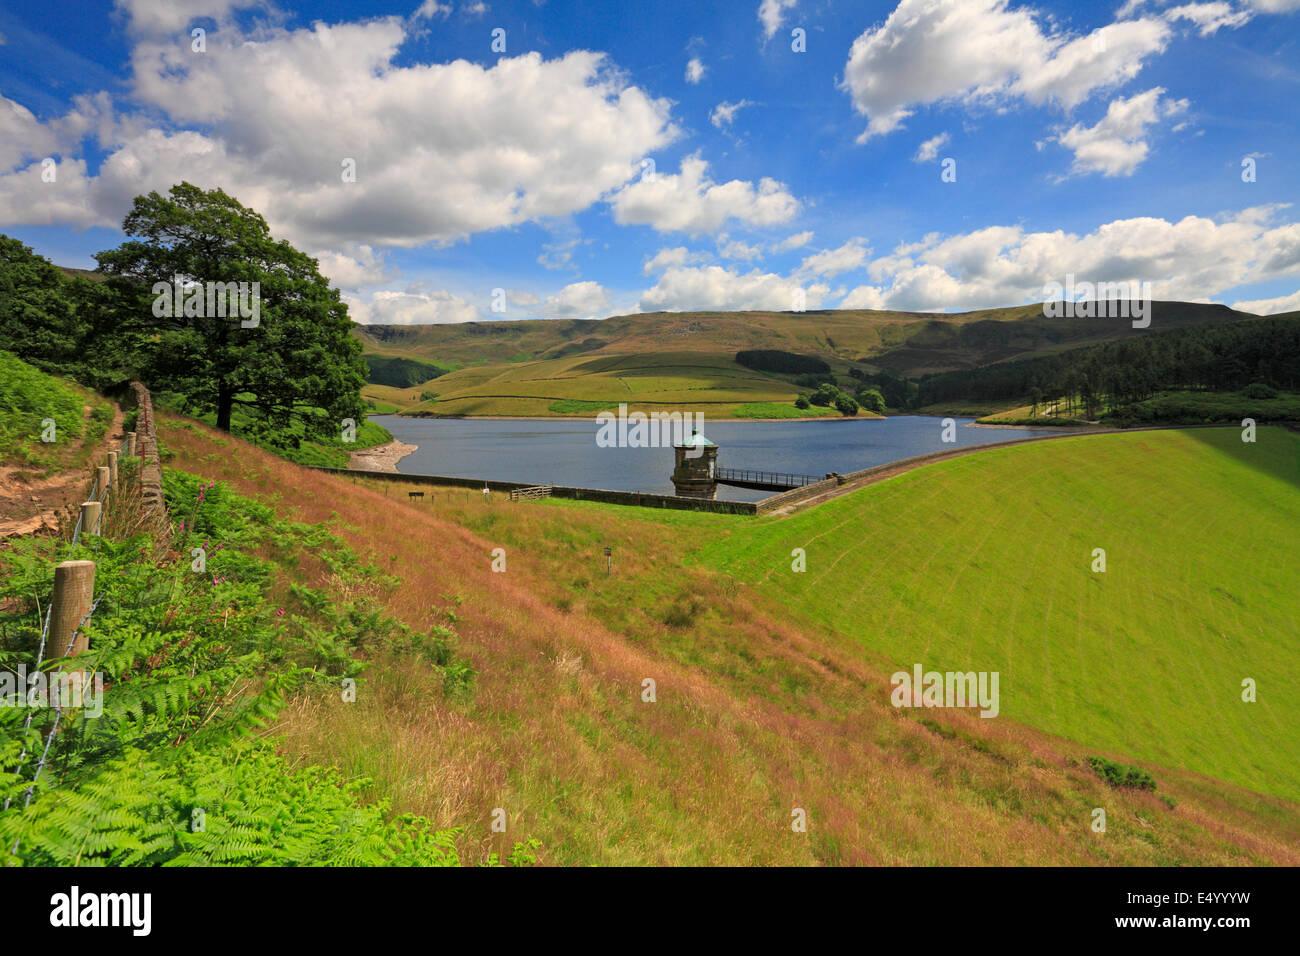 Kinder Scout and Kinder Reservoir above Hayfield, Peak District National Park, Derbyshire, England, UK. - Stock Image